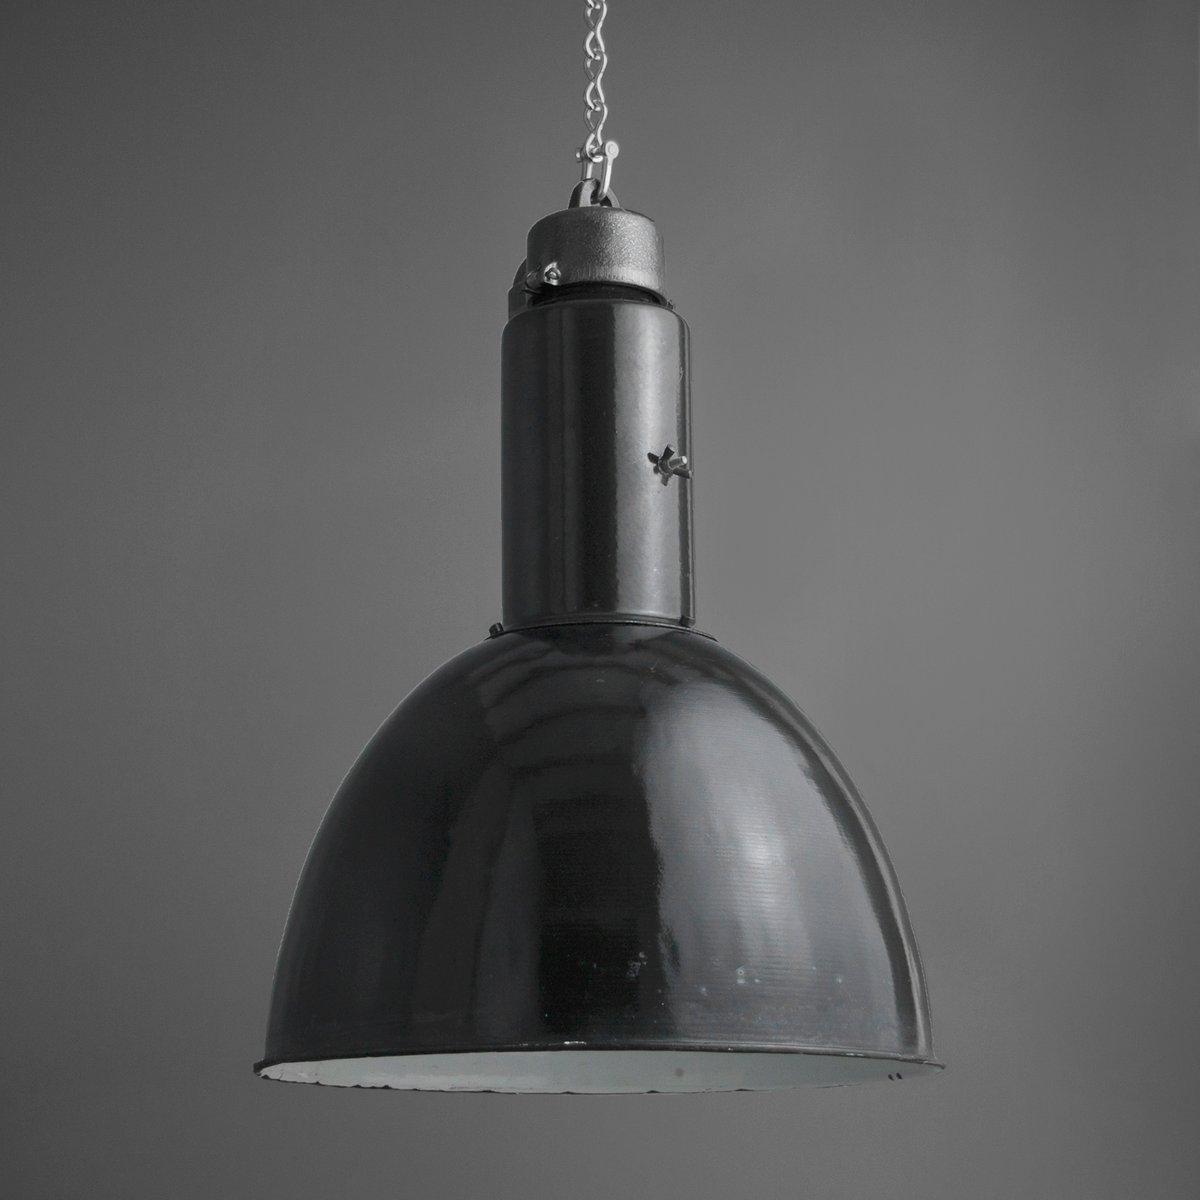 Deutsche Fabrik Hängeleuchte, 1920er